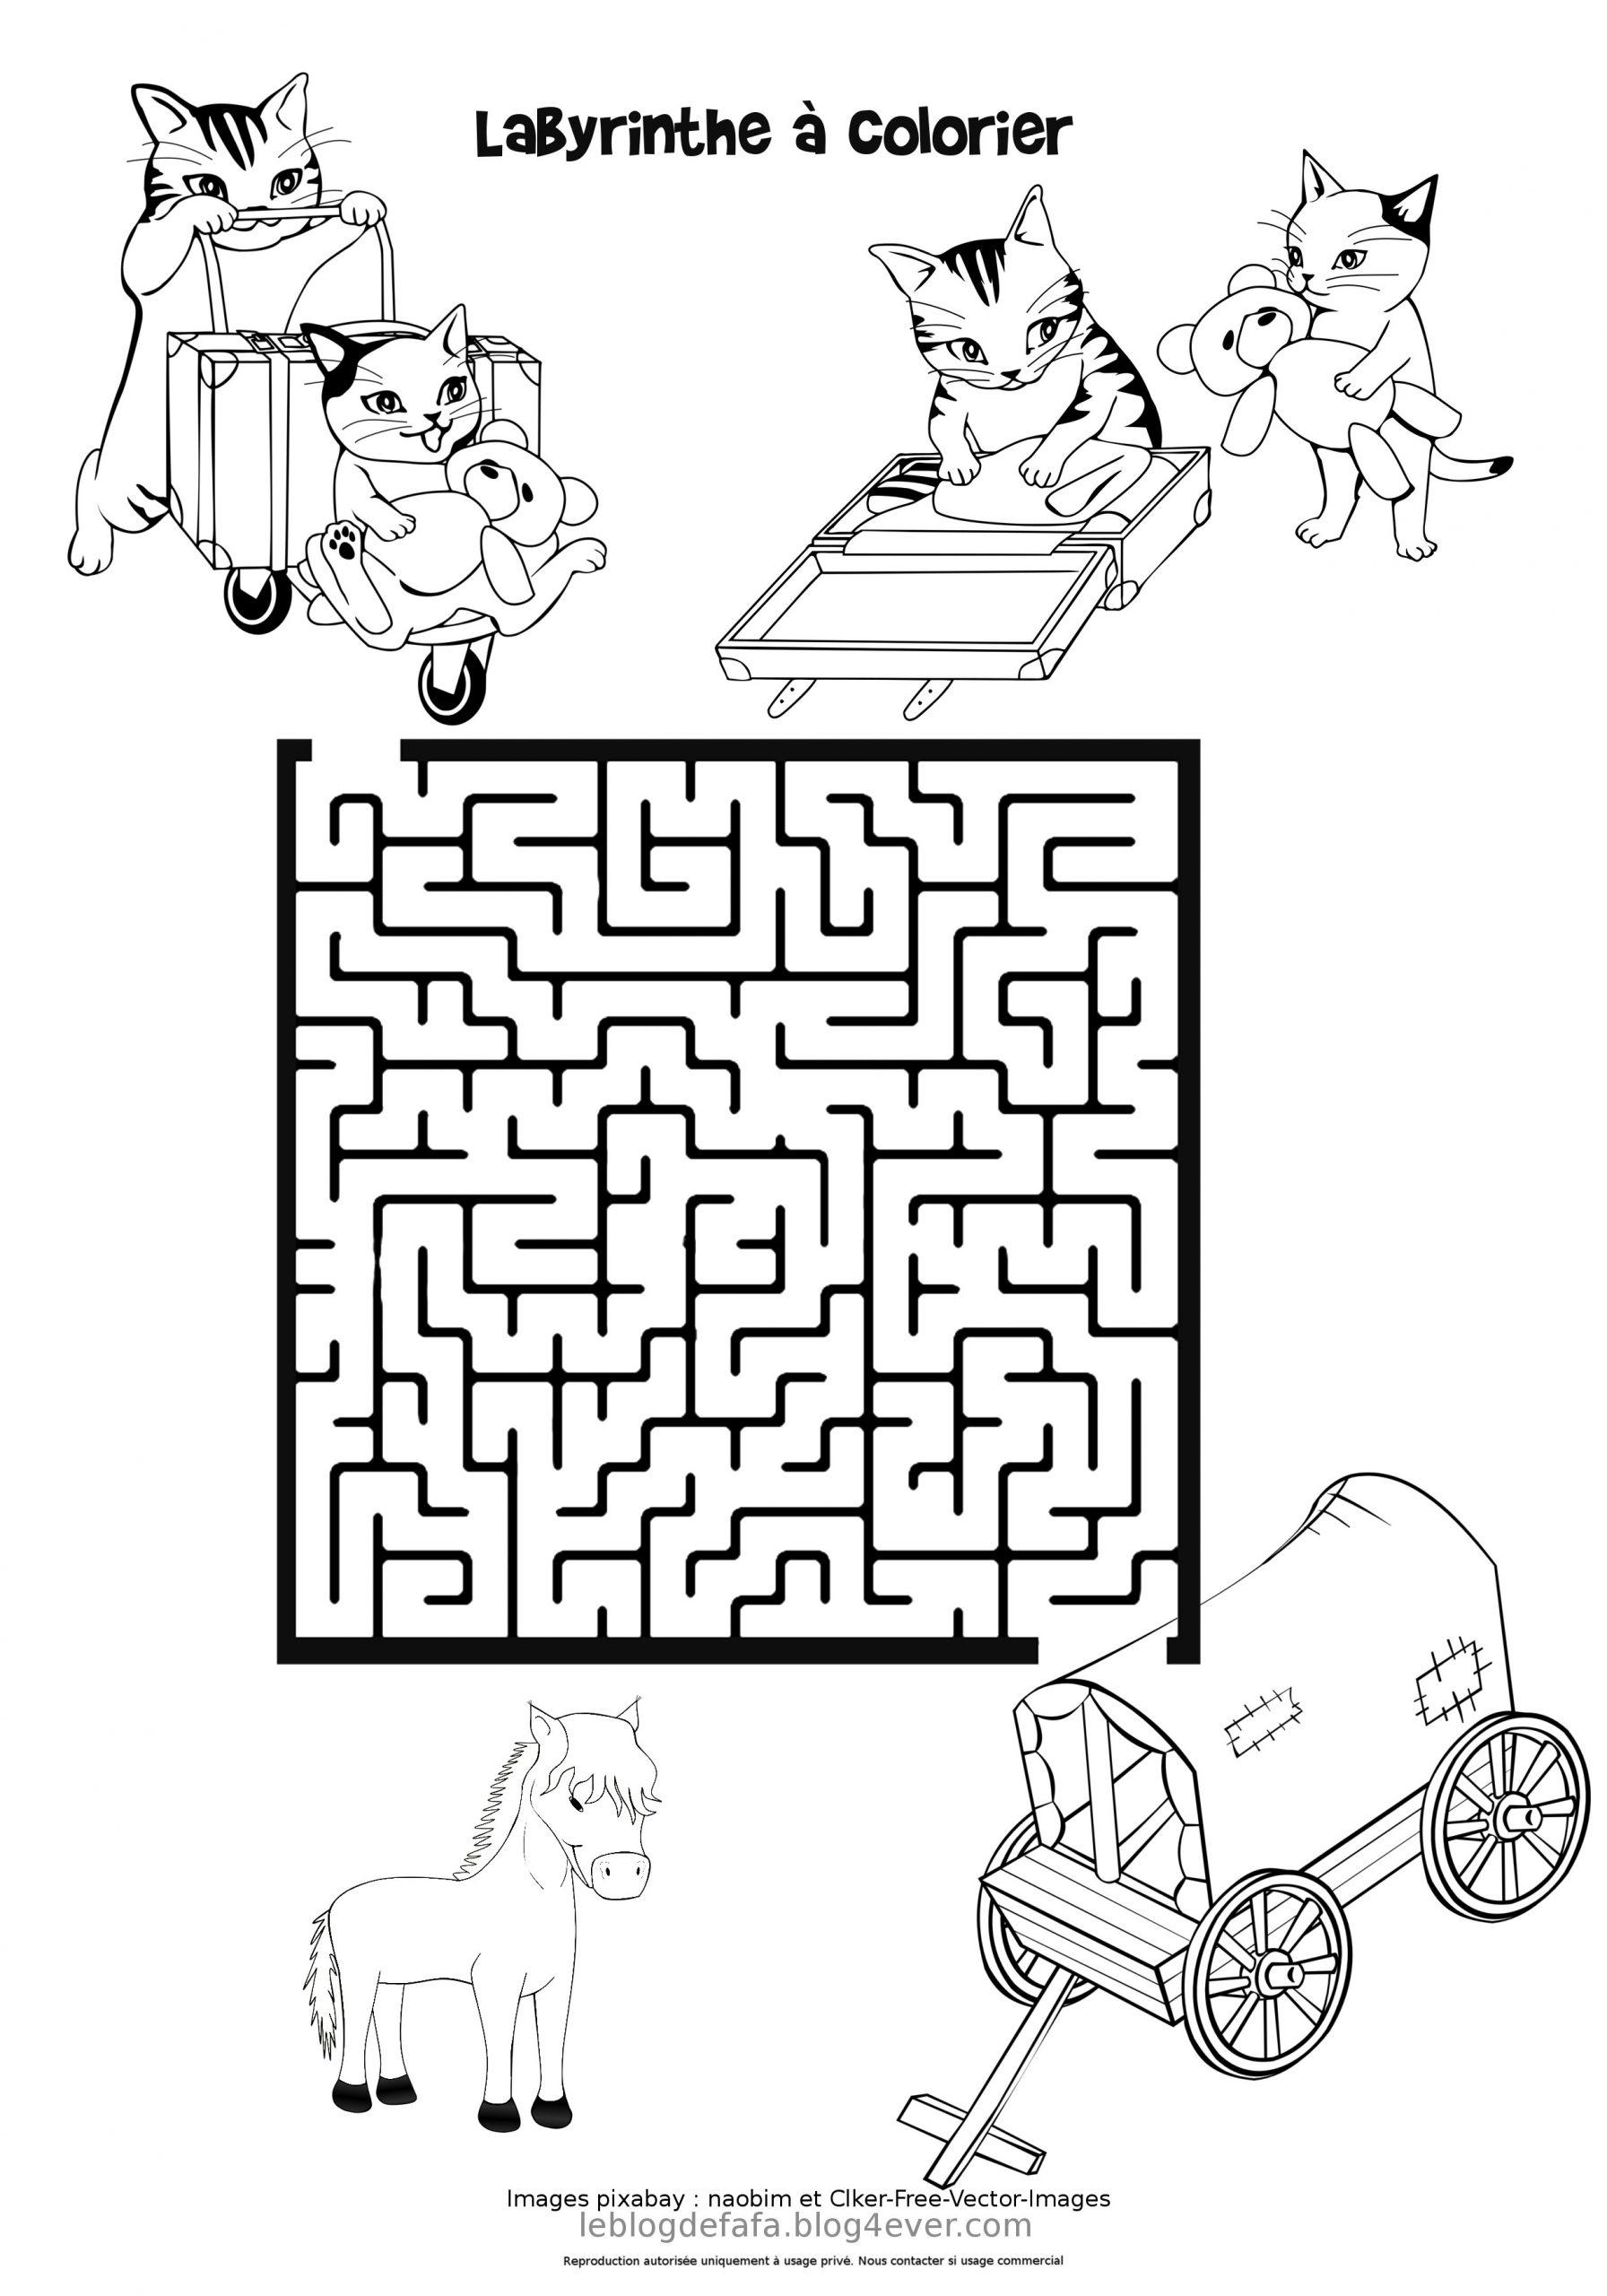 Jeux Chevaux Gratuits À Imprimer : Labyrinthes, Apprendre À tout Jeux Point A Relier